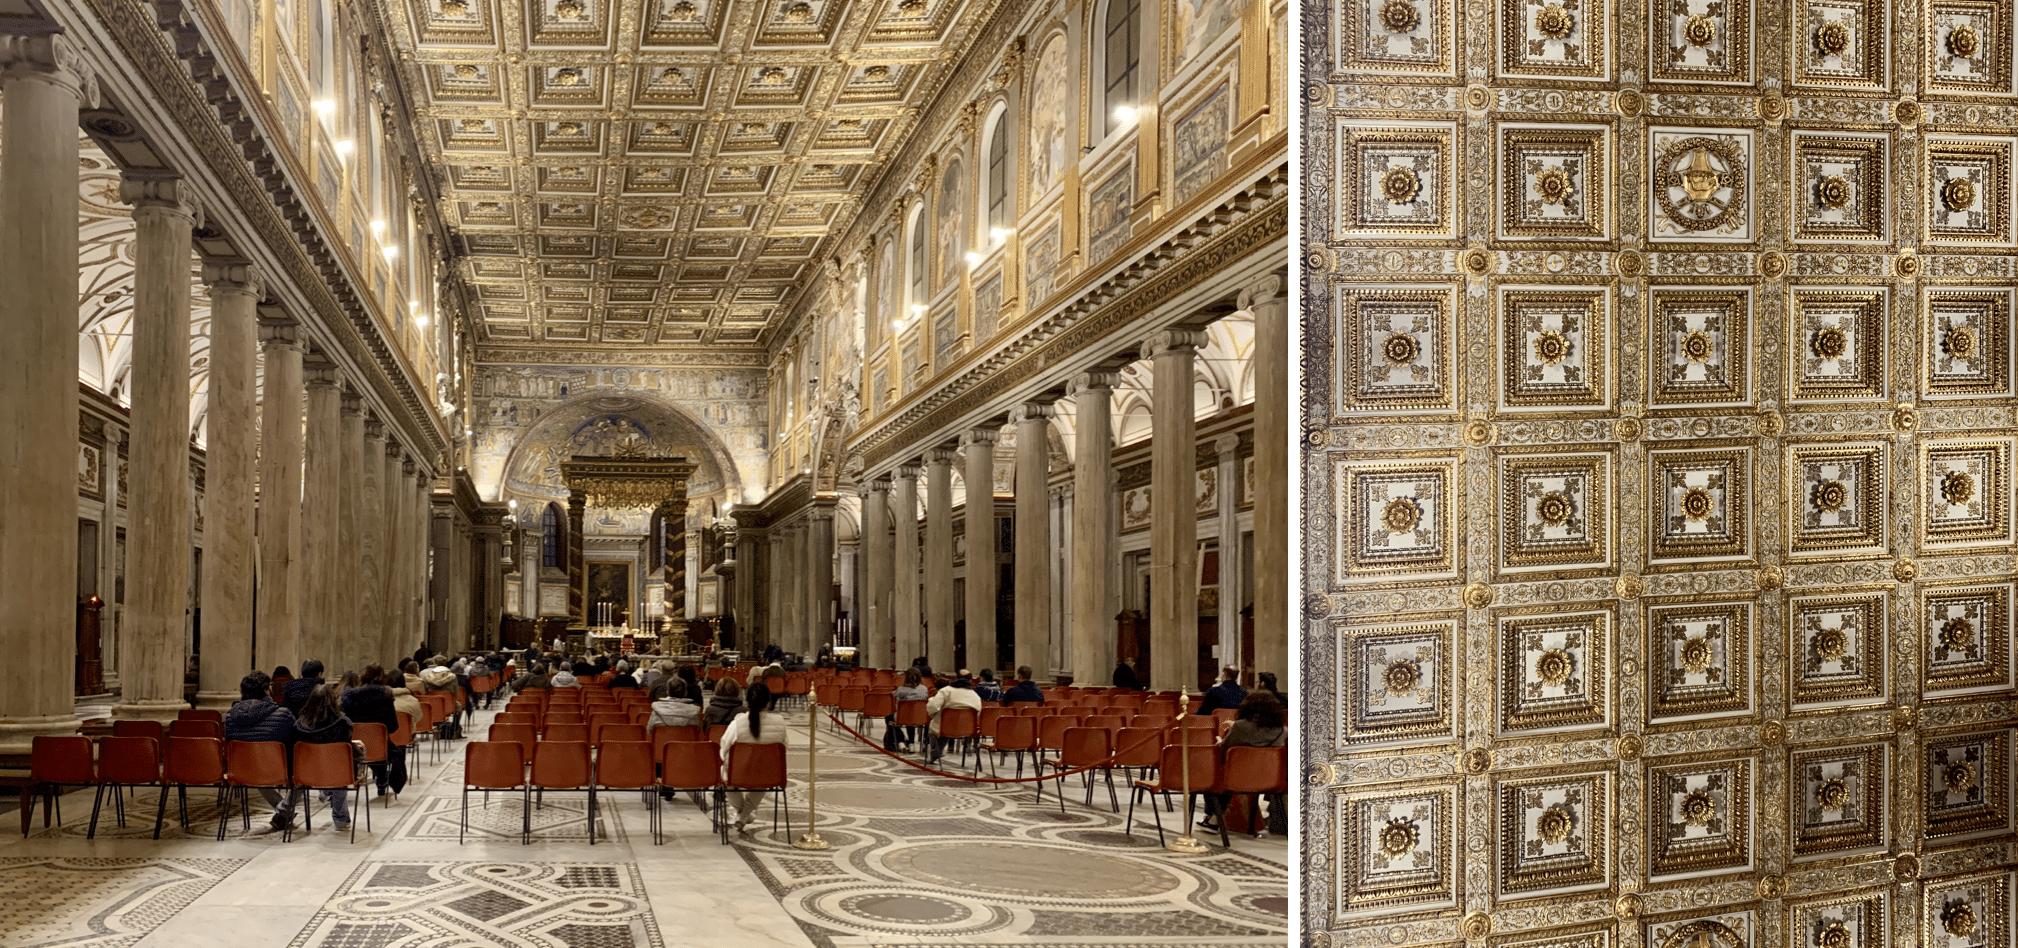 l'interieur de la basilique sainte marie majeure